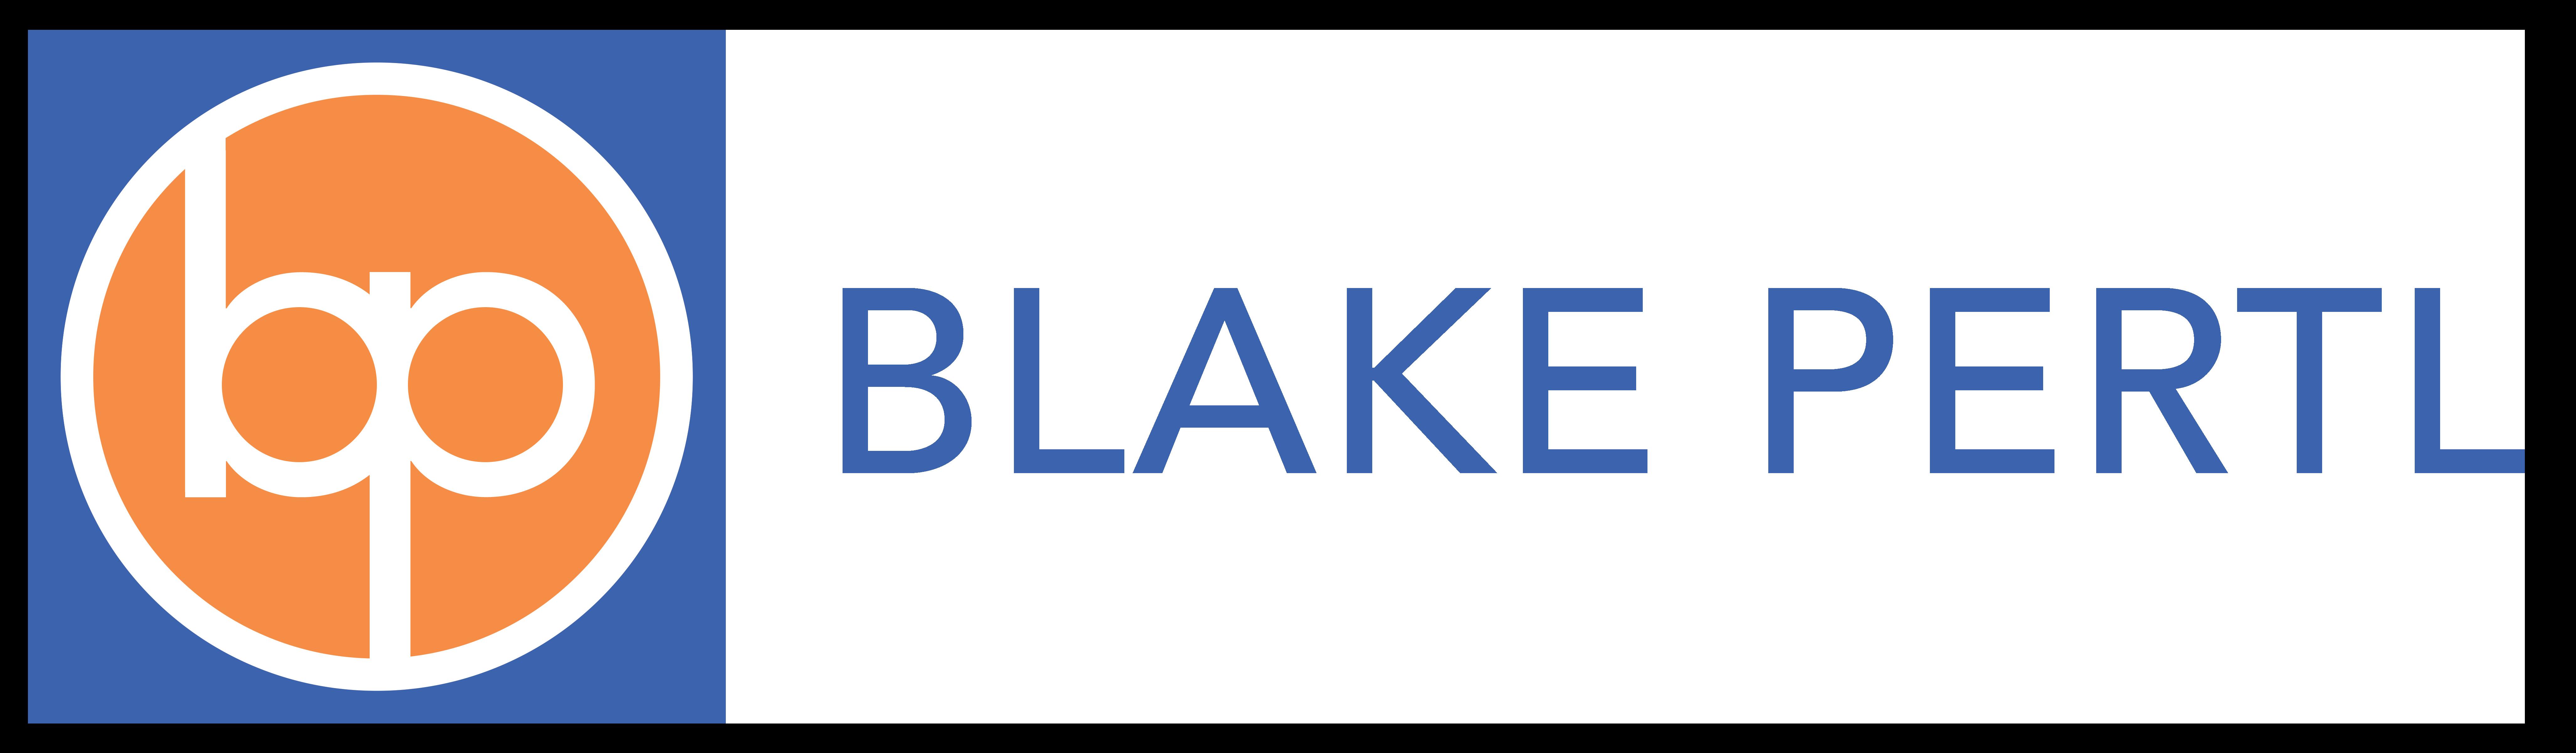 Blake Pertl